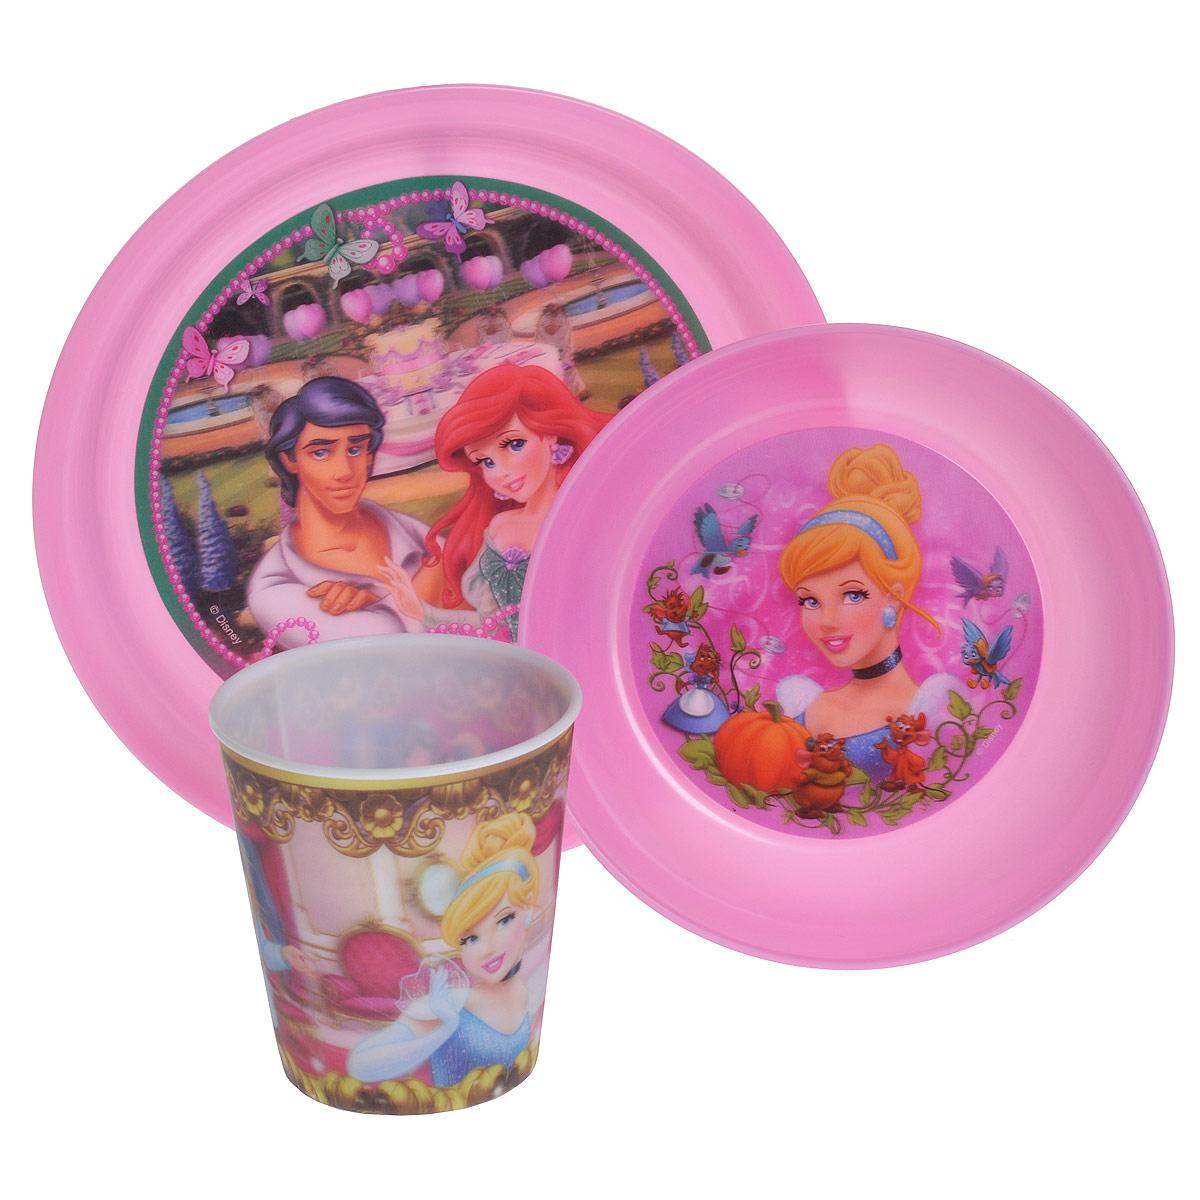 Набор детской посуды Принцессы, цвет: розовый, 3 предметаNPR9-1Набор детской посуды Принцессы состоит из стакана, миски и тарелки. Посуда, выполненная из пищевого пластика розового цвета, оформлена изображениями принцесс - героинь диснеевских мультфильмов. Рисунки находятся под слоем прозрачного структурного пластика (линзы), создающего эффект объемного изображения, как в 3D кино, и исключающего попадание краски в жидкость. Небьющаяся посуда, красивая, легкая и удобная в уходе, прекрасно выдерживает горячую пищу. Ваш малыш с удовольствием будет кушать вместе с любимыми героинями. Характеристики:Размер миски: 14,5 см х 14,5 см х 4,5 см. Размер тарелки: 19,5 см х 19,5 см х 2 см. Объем стакана: 280 мл. Высота стакана: 8,5 см.